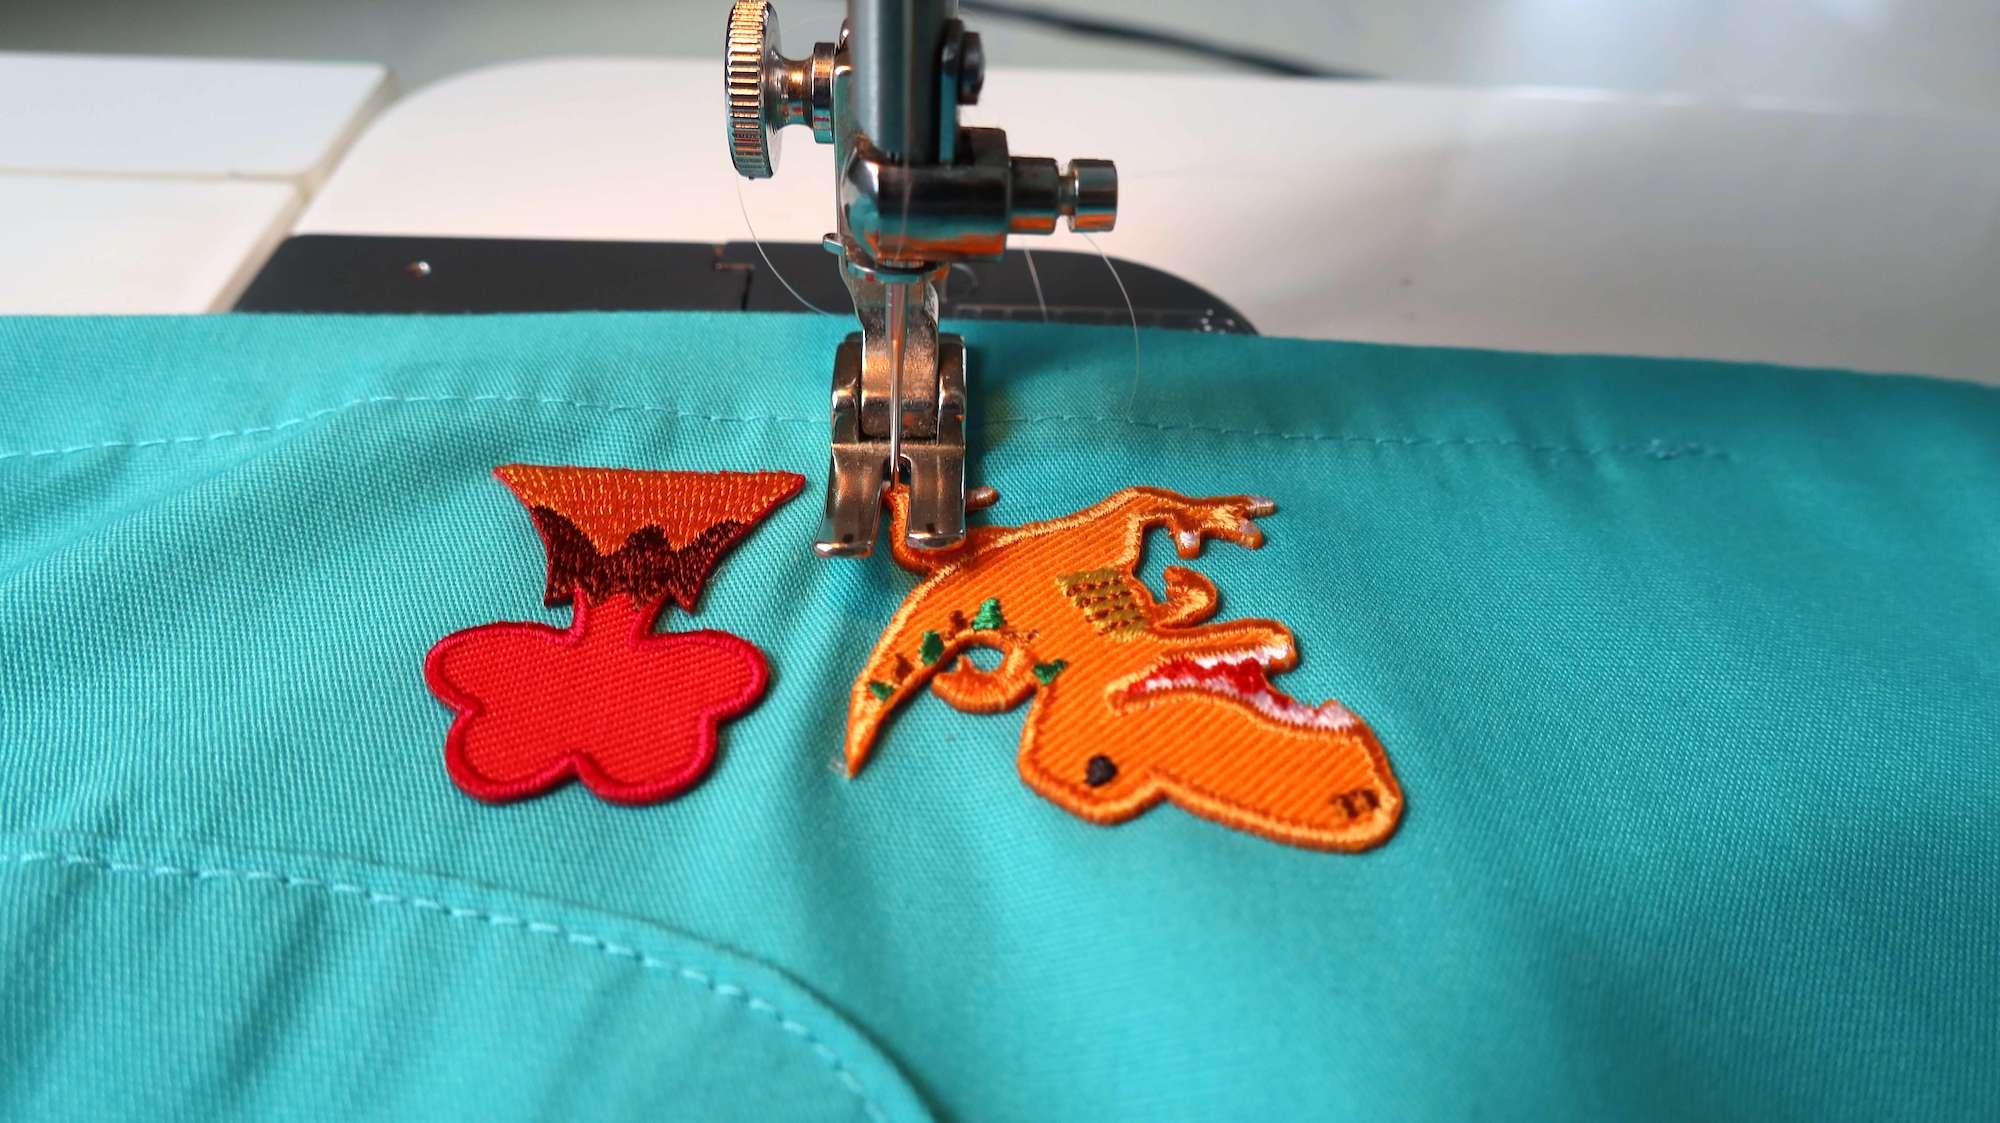 フジックス 透明糸でアップリケを縫う